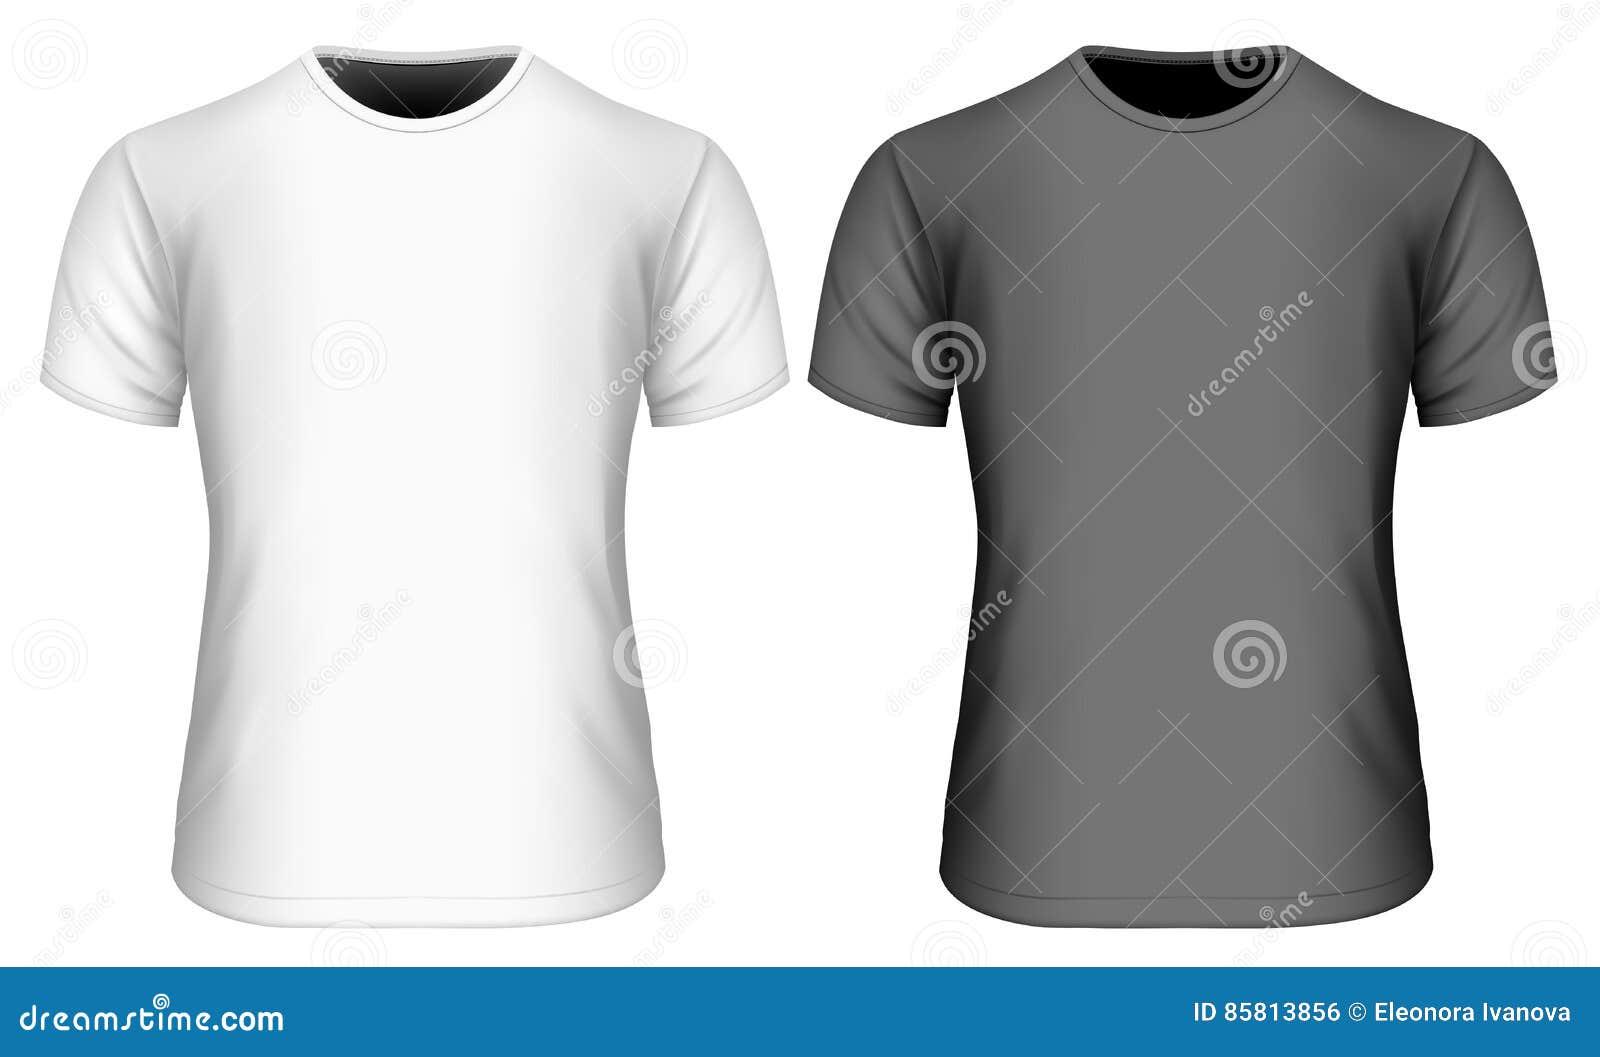 48e430911 Mens short sleeve black and white t-shirt. Front view. Vector illustration.  Fully editable handmade mesh. More similar stock illustrations